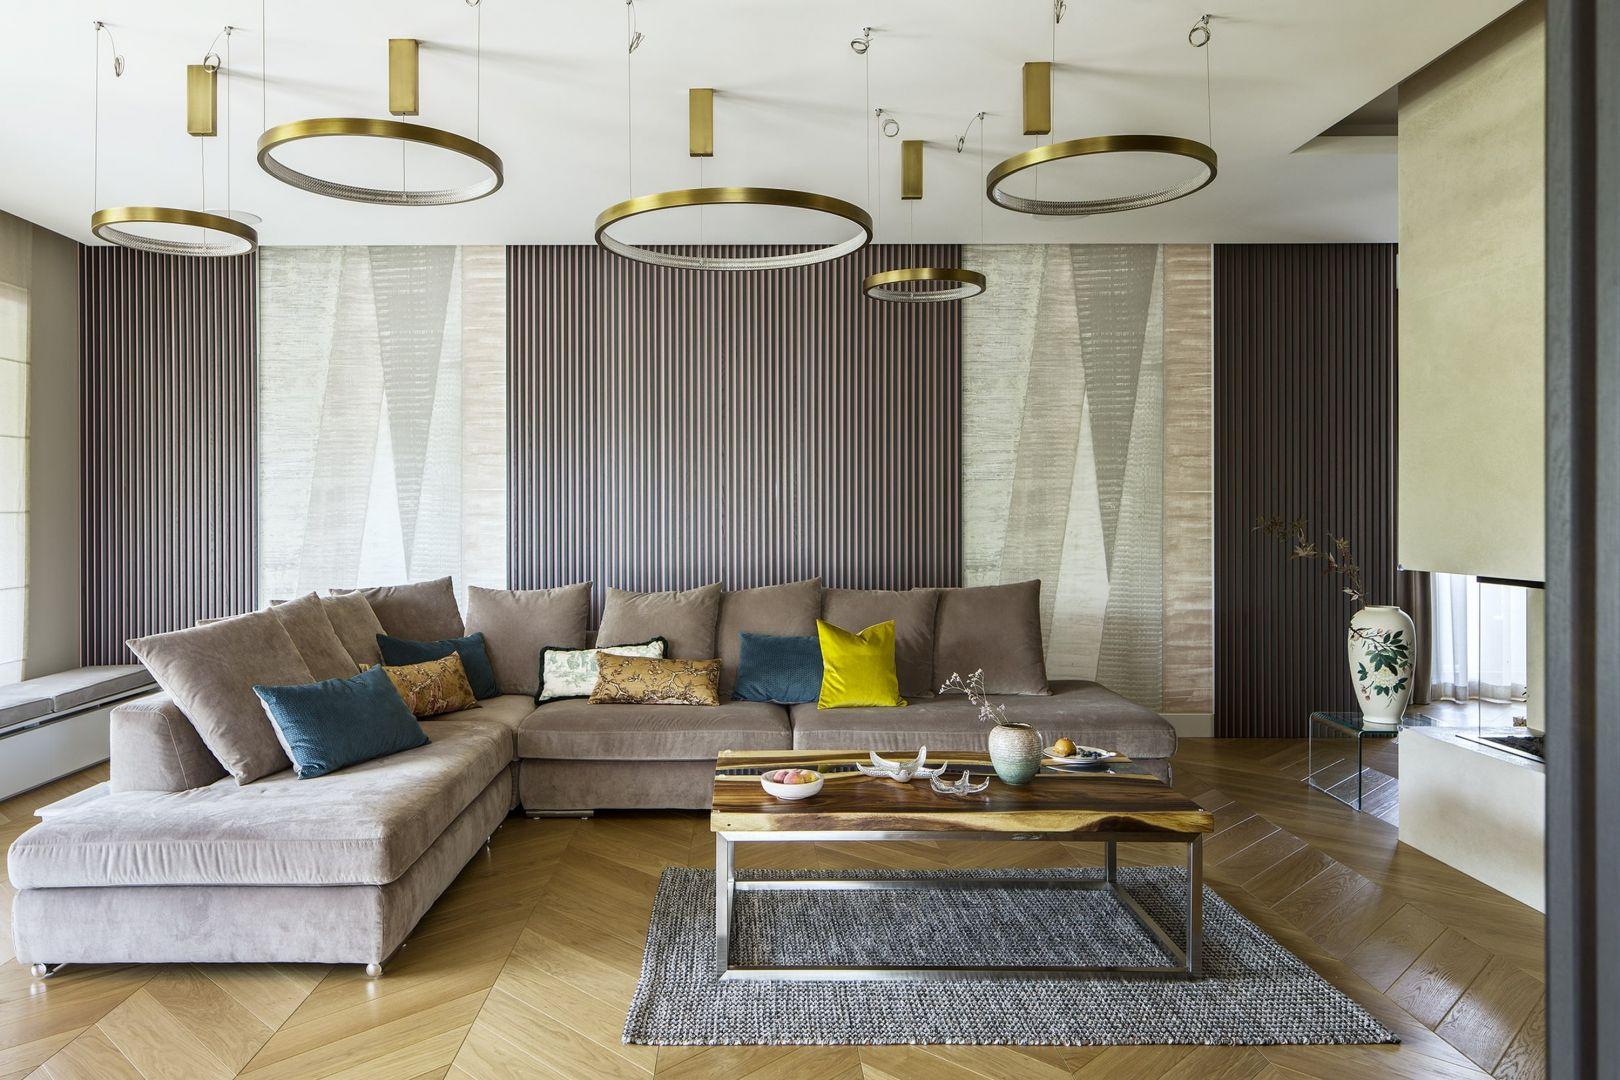 Oświetlenie do salonu w luksusowym, nowoczesnym stylu. Projekt: Tissu Architecture. Fot. Yassen Hristov